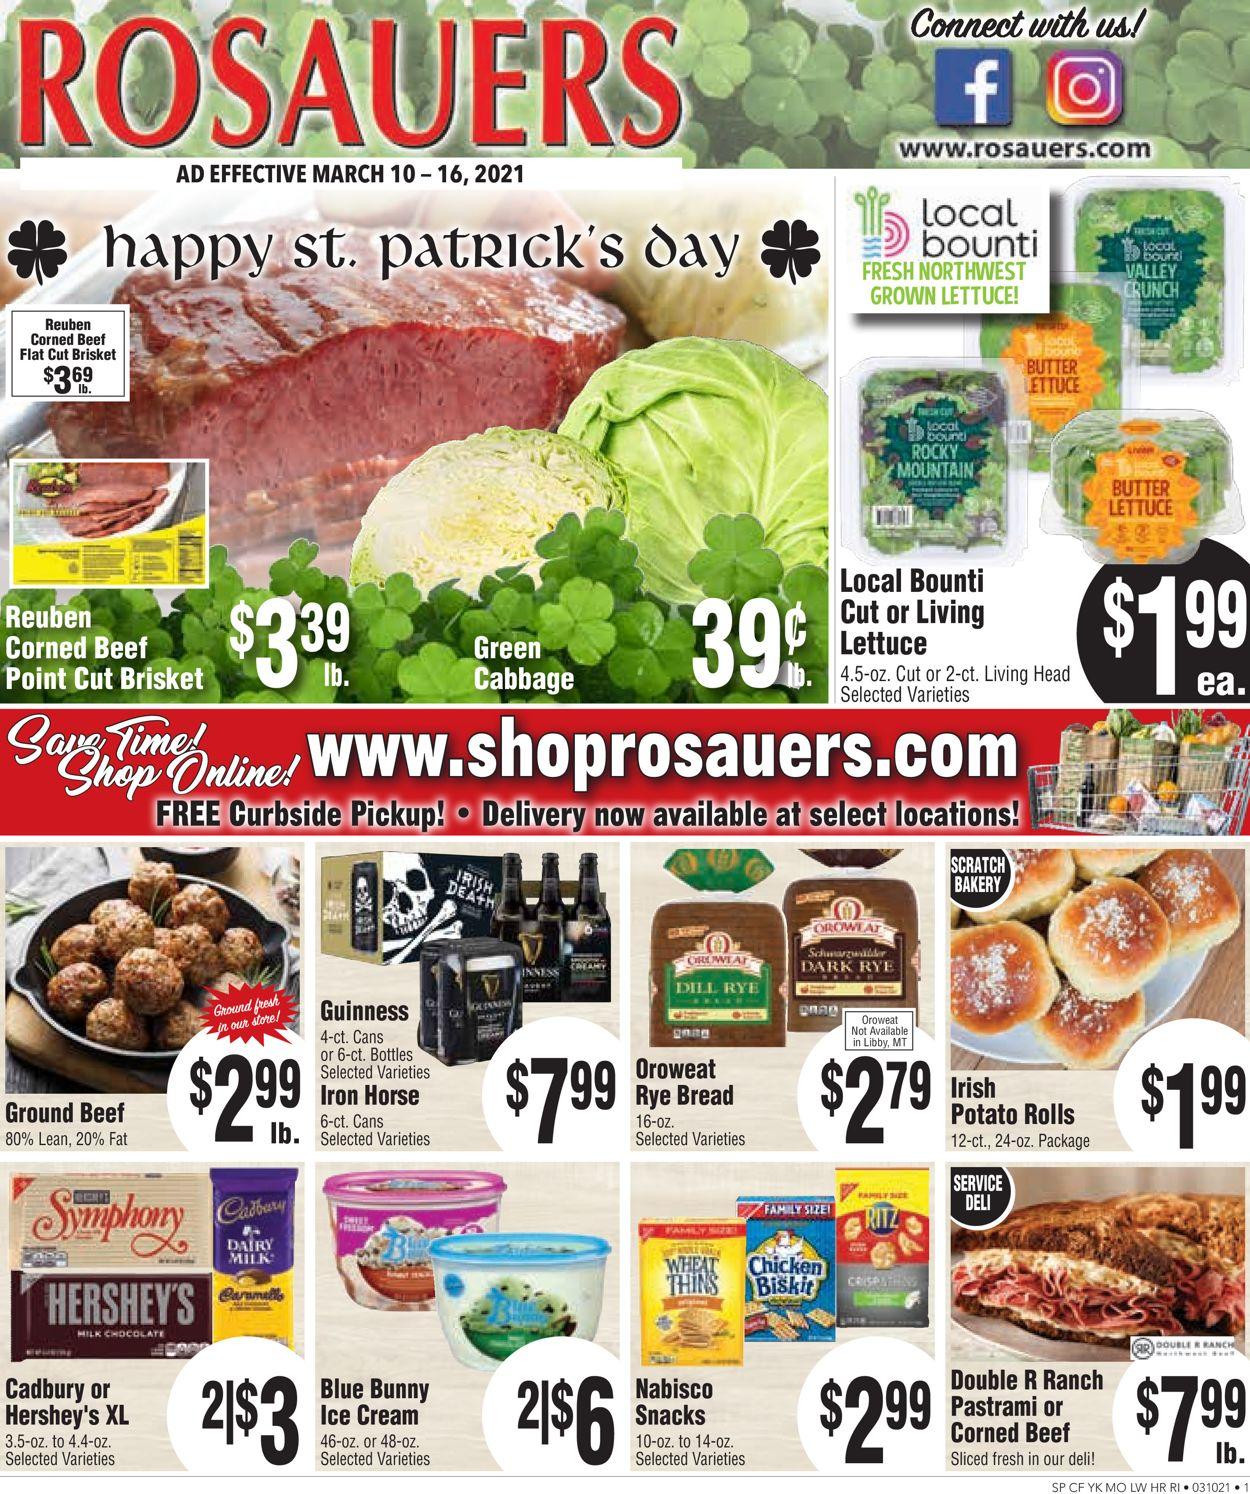 Rosauers Weekly Ad Circular - valid 03/10-03/16/2021